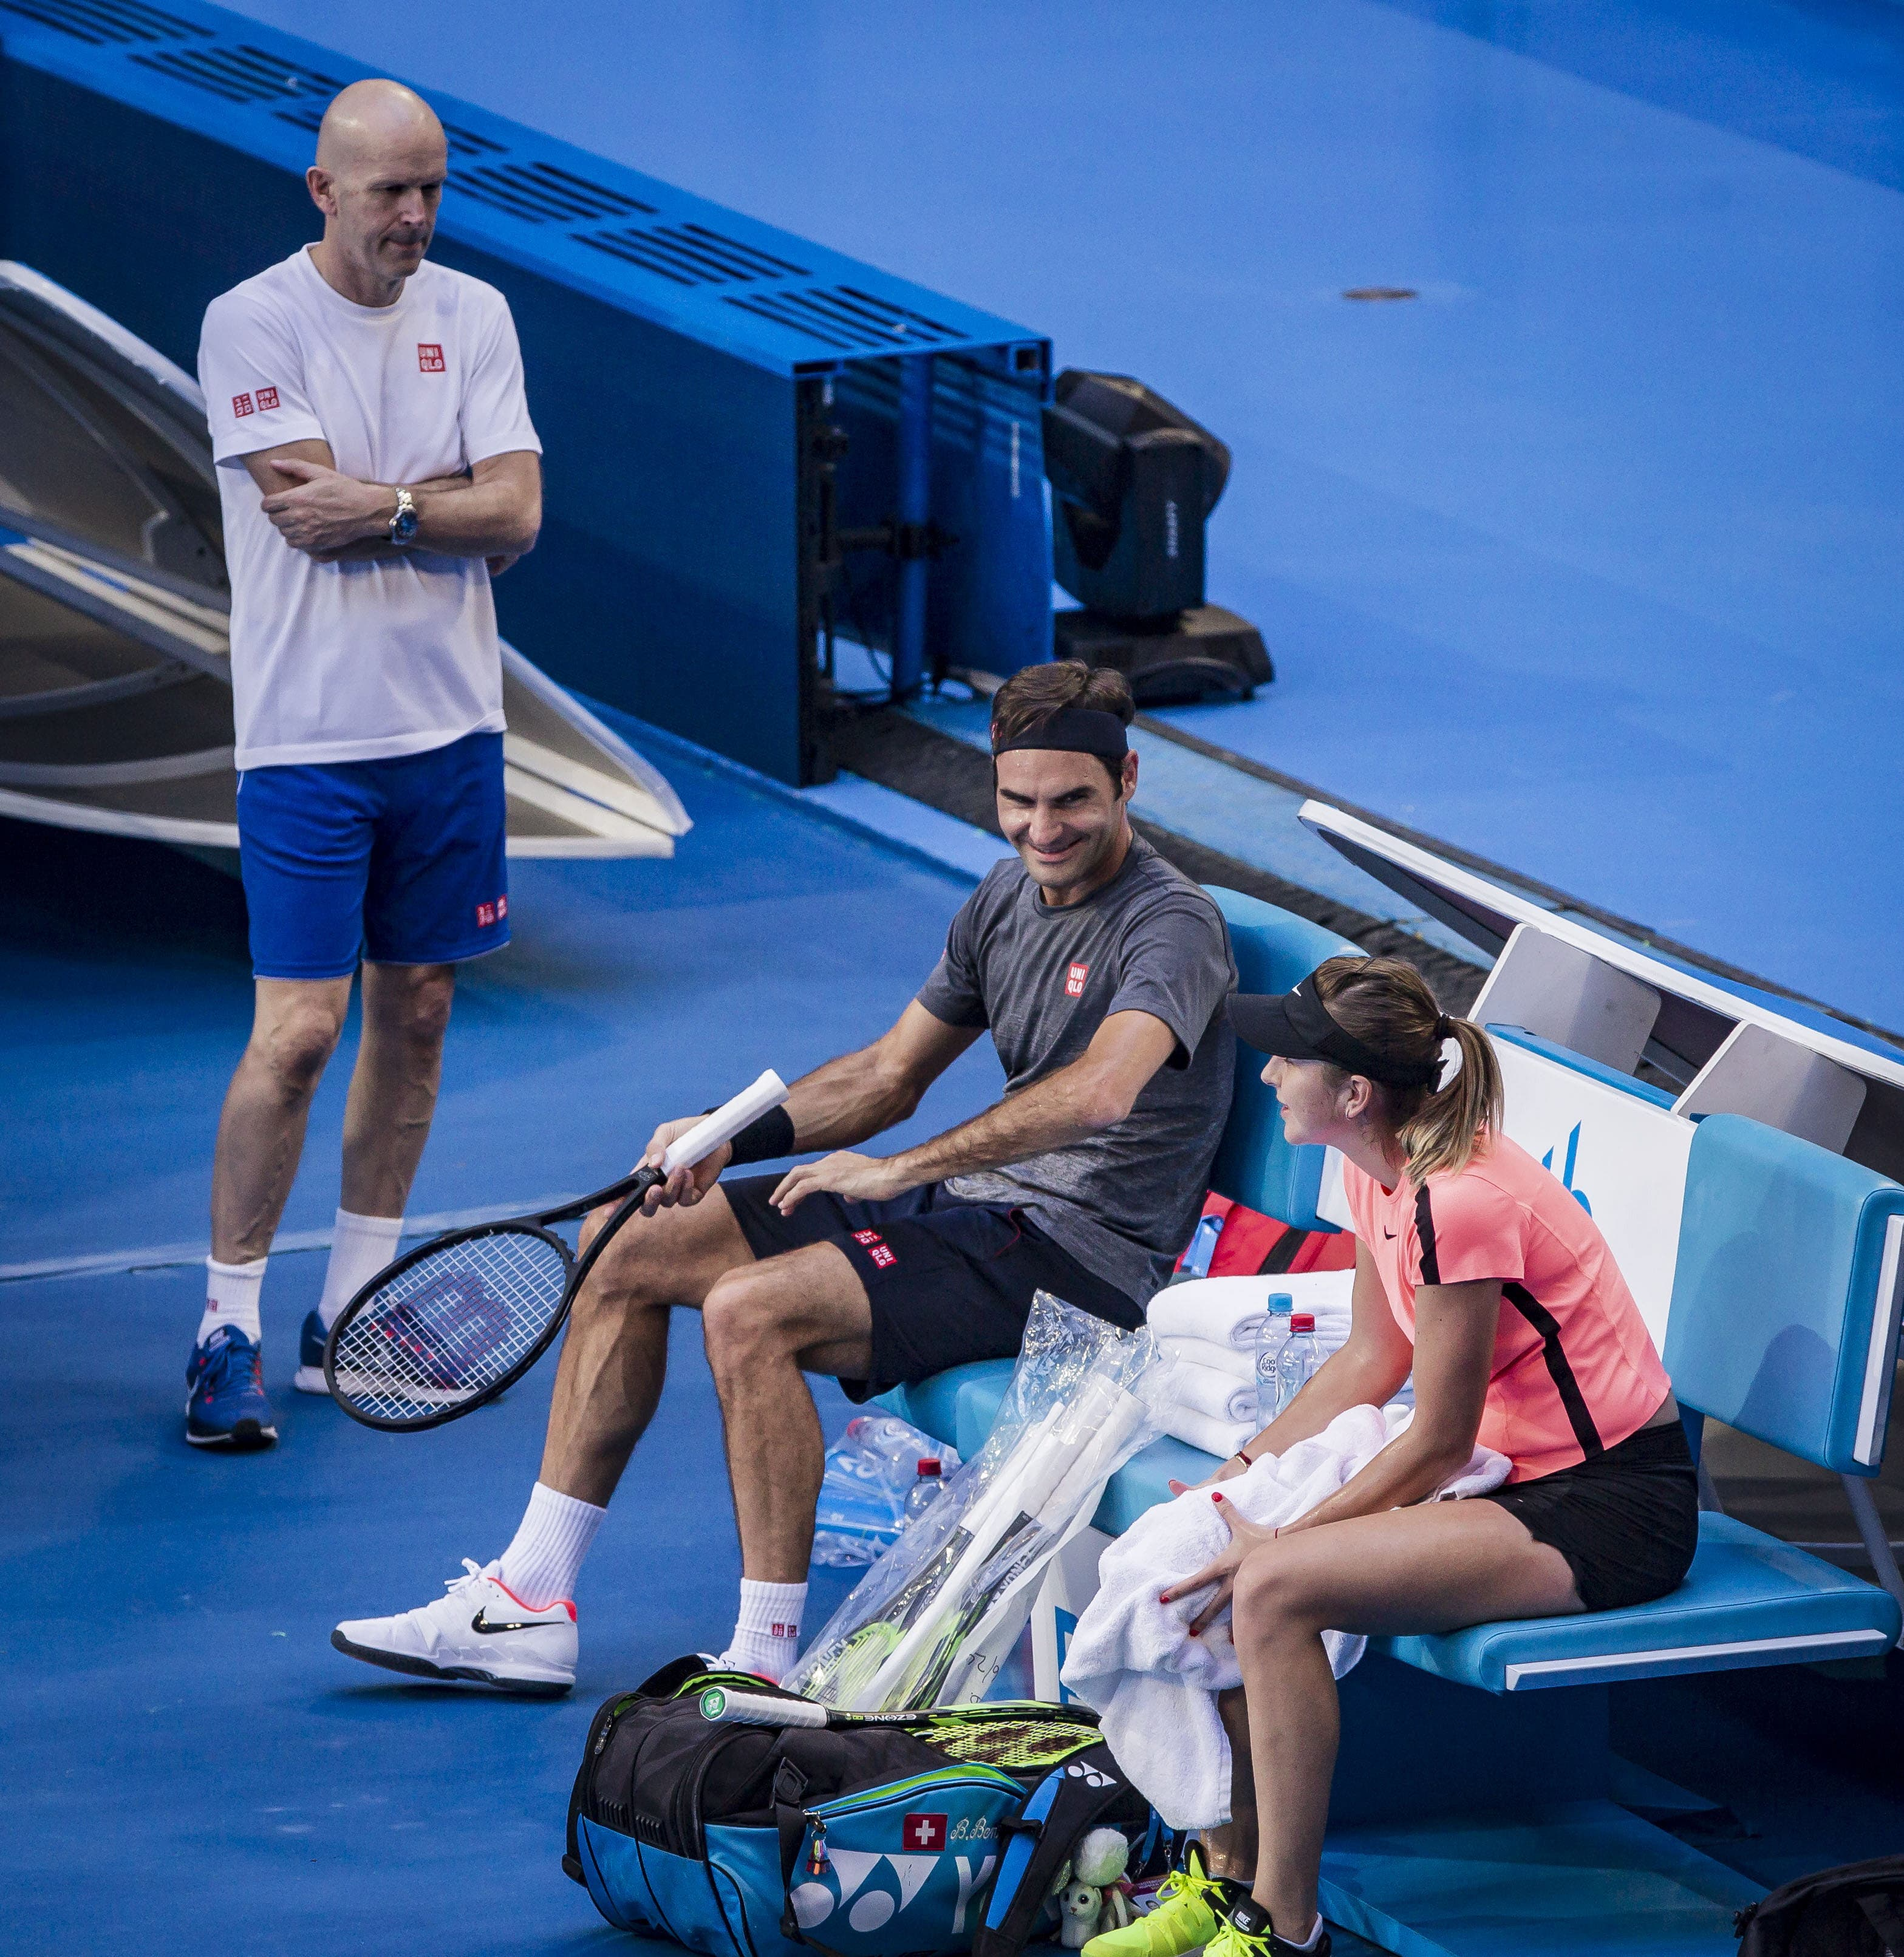 Roger Federer im Gespräch mit Belinda Bencic auf der Bank. Bild: EPA/TONY MCDONOUGH